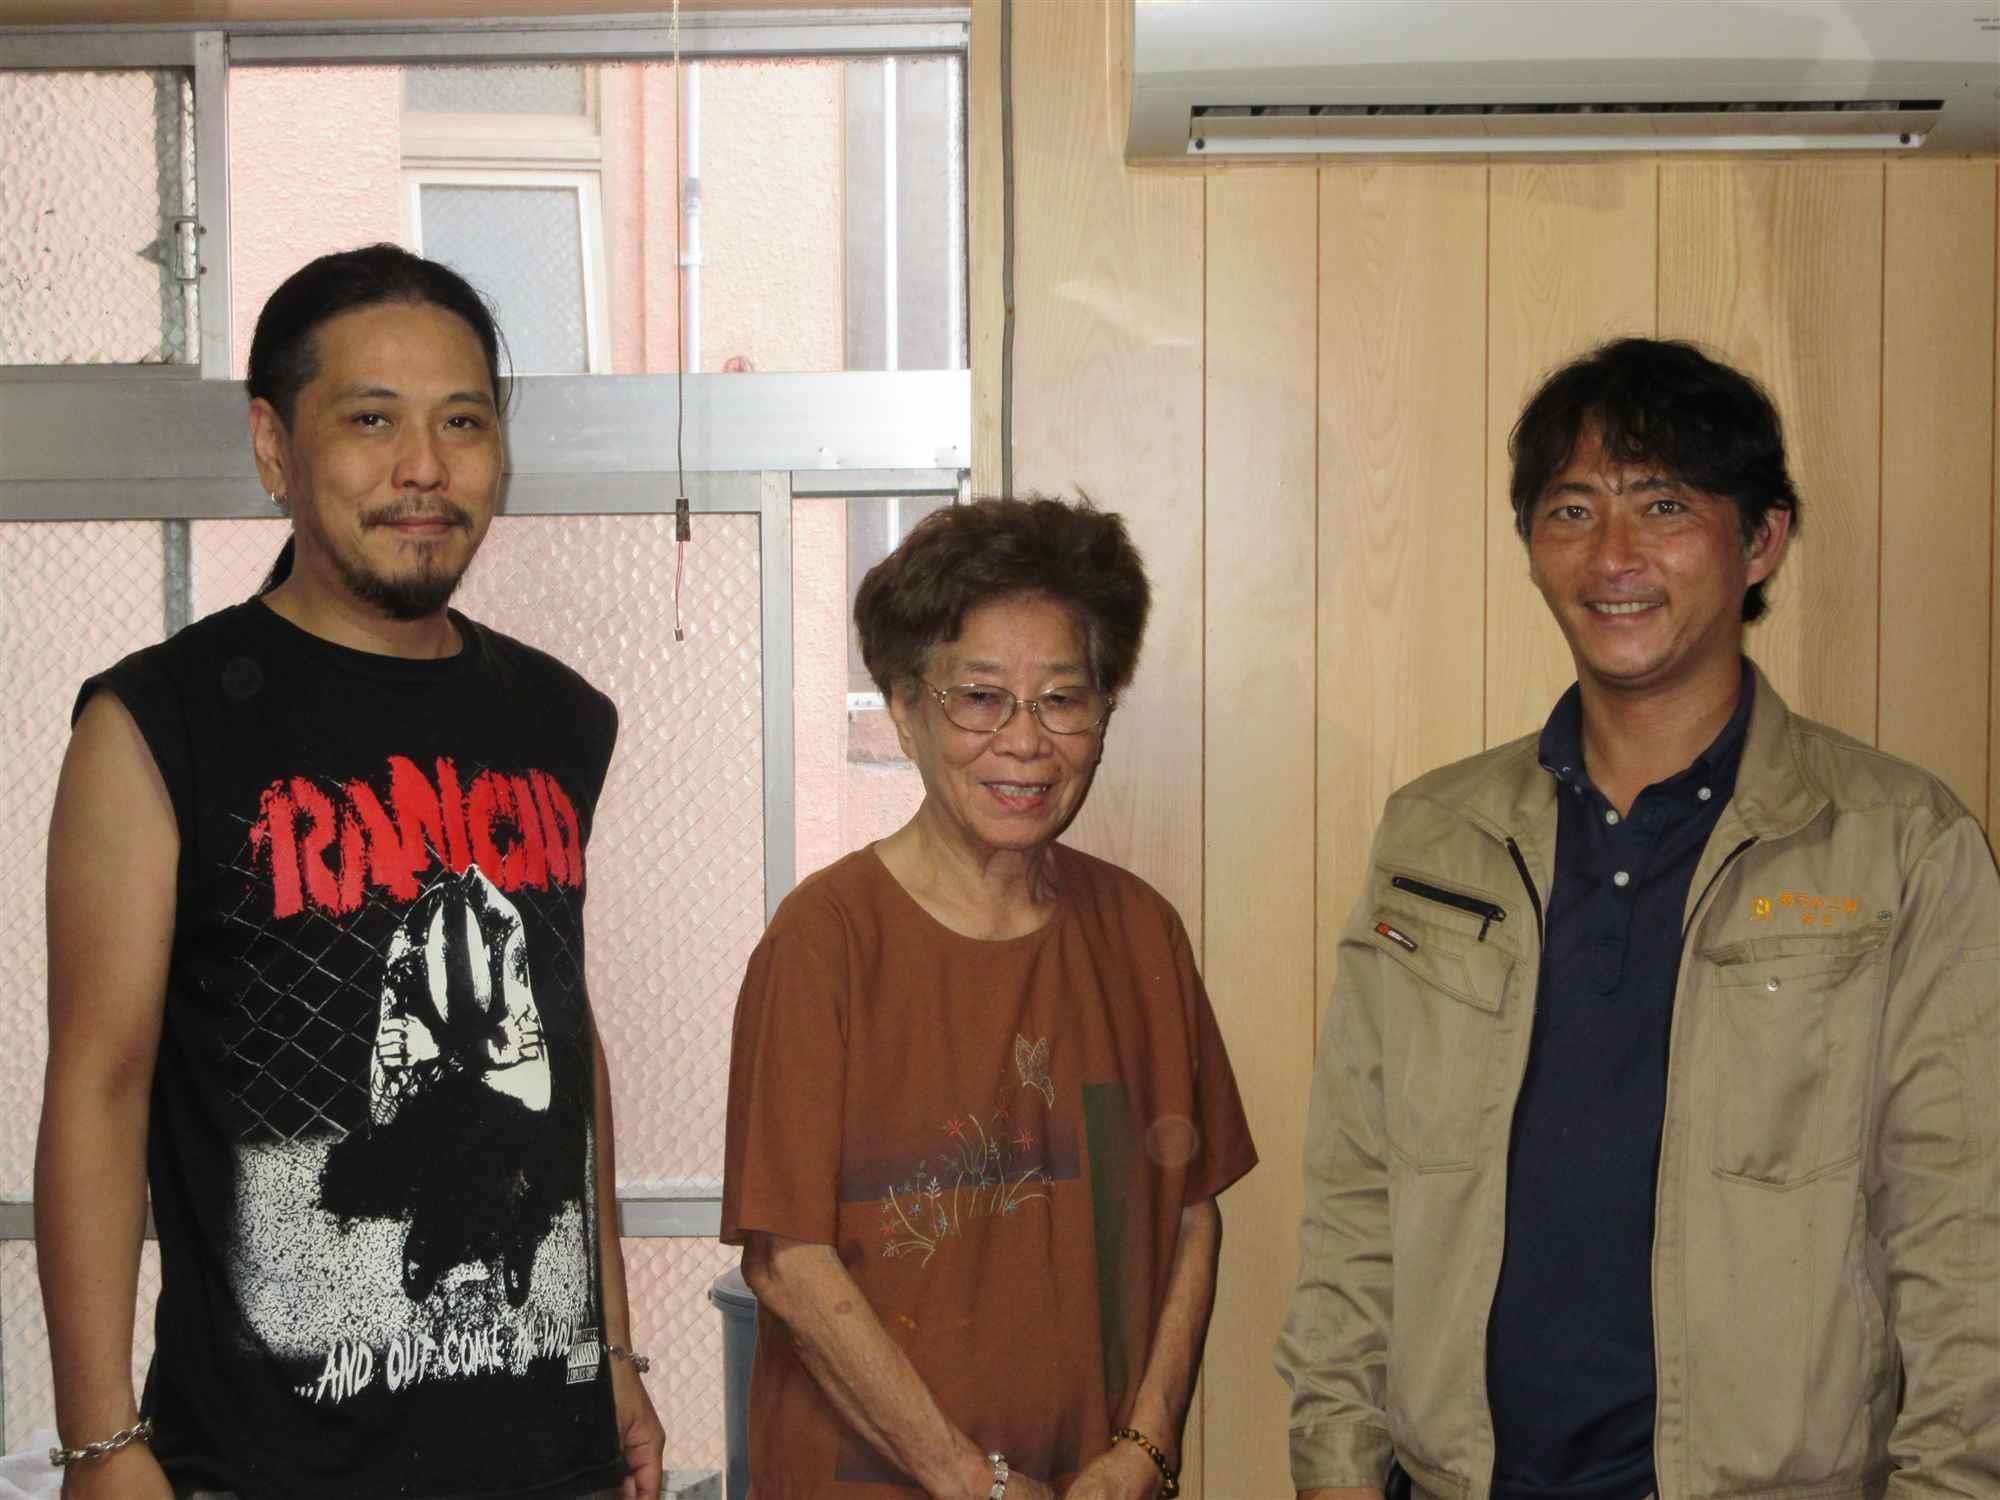 沖縄・那覇のリフォーム 実際のお客様の写真:高齢の父のベットを配置するにあたって床の補強を悩んでいた